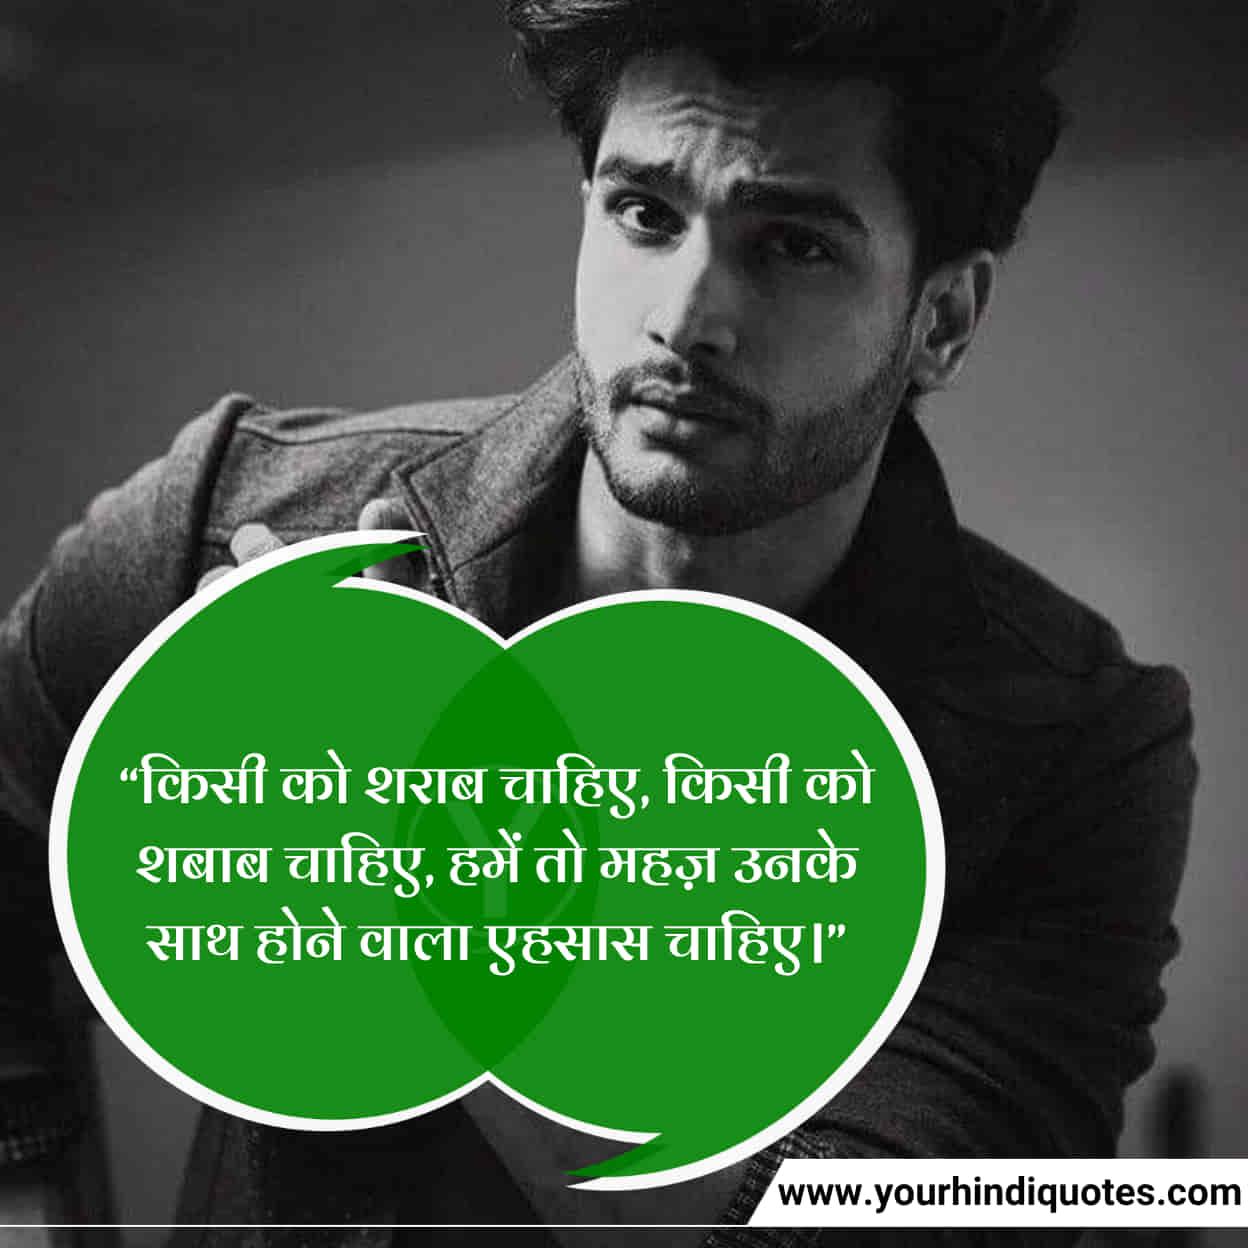 Latest Very Sad Quotes